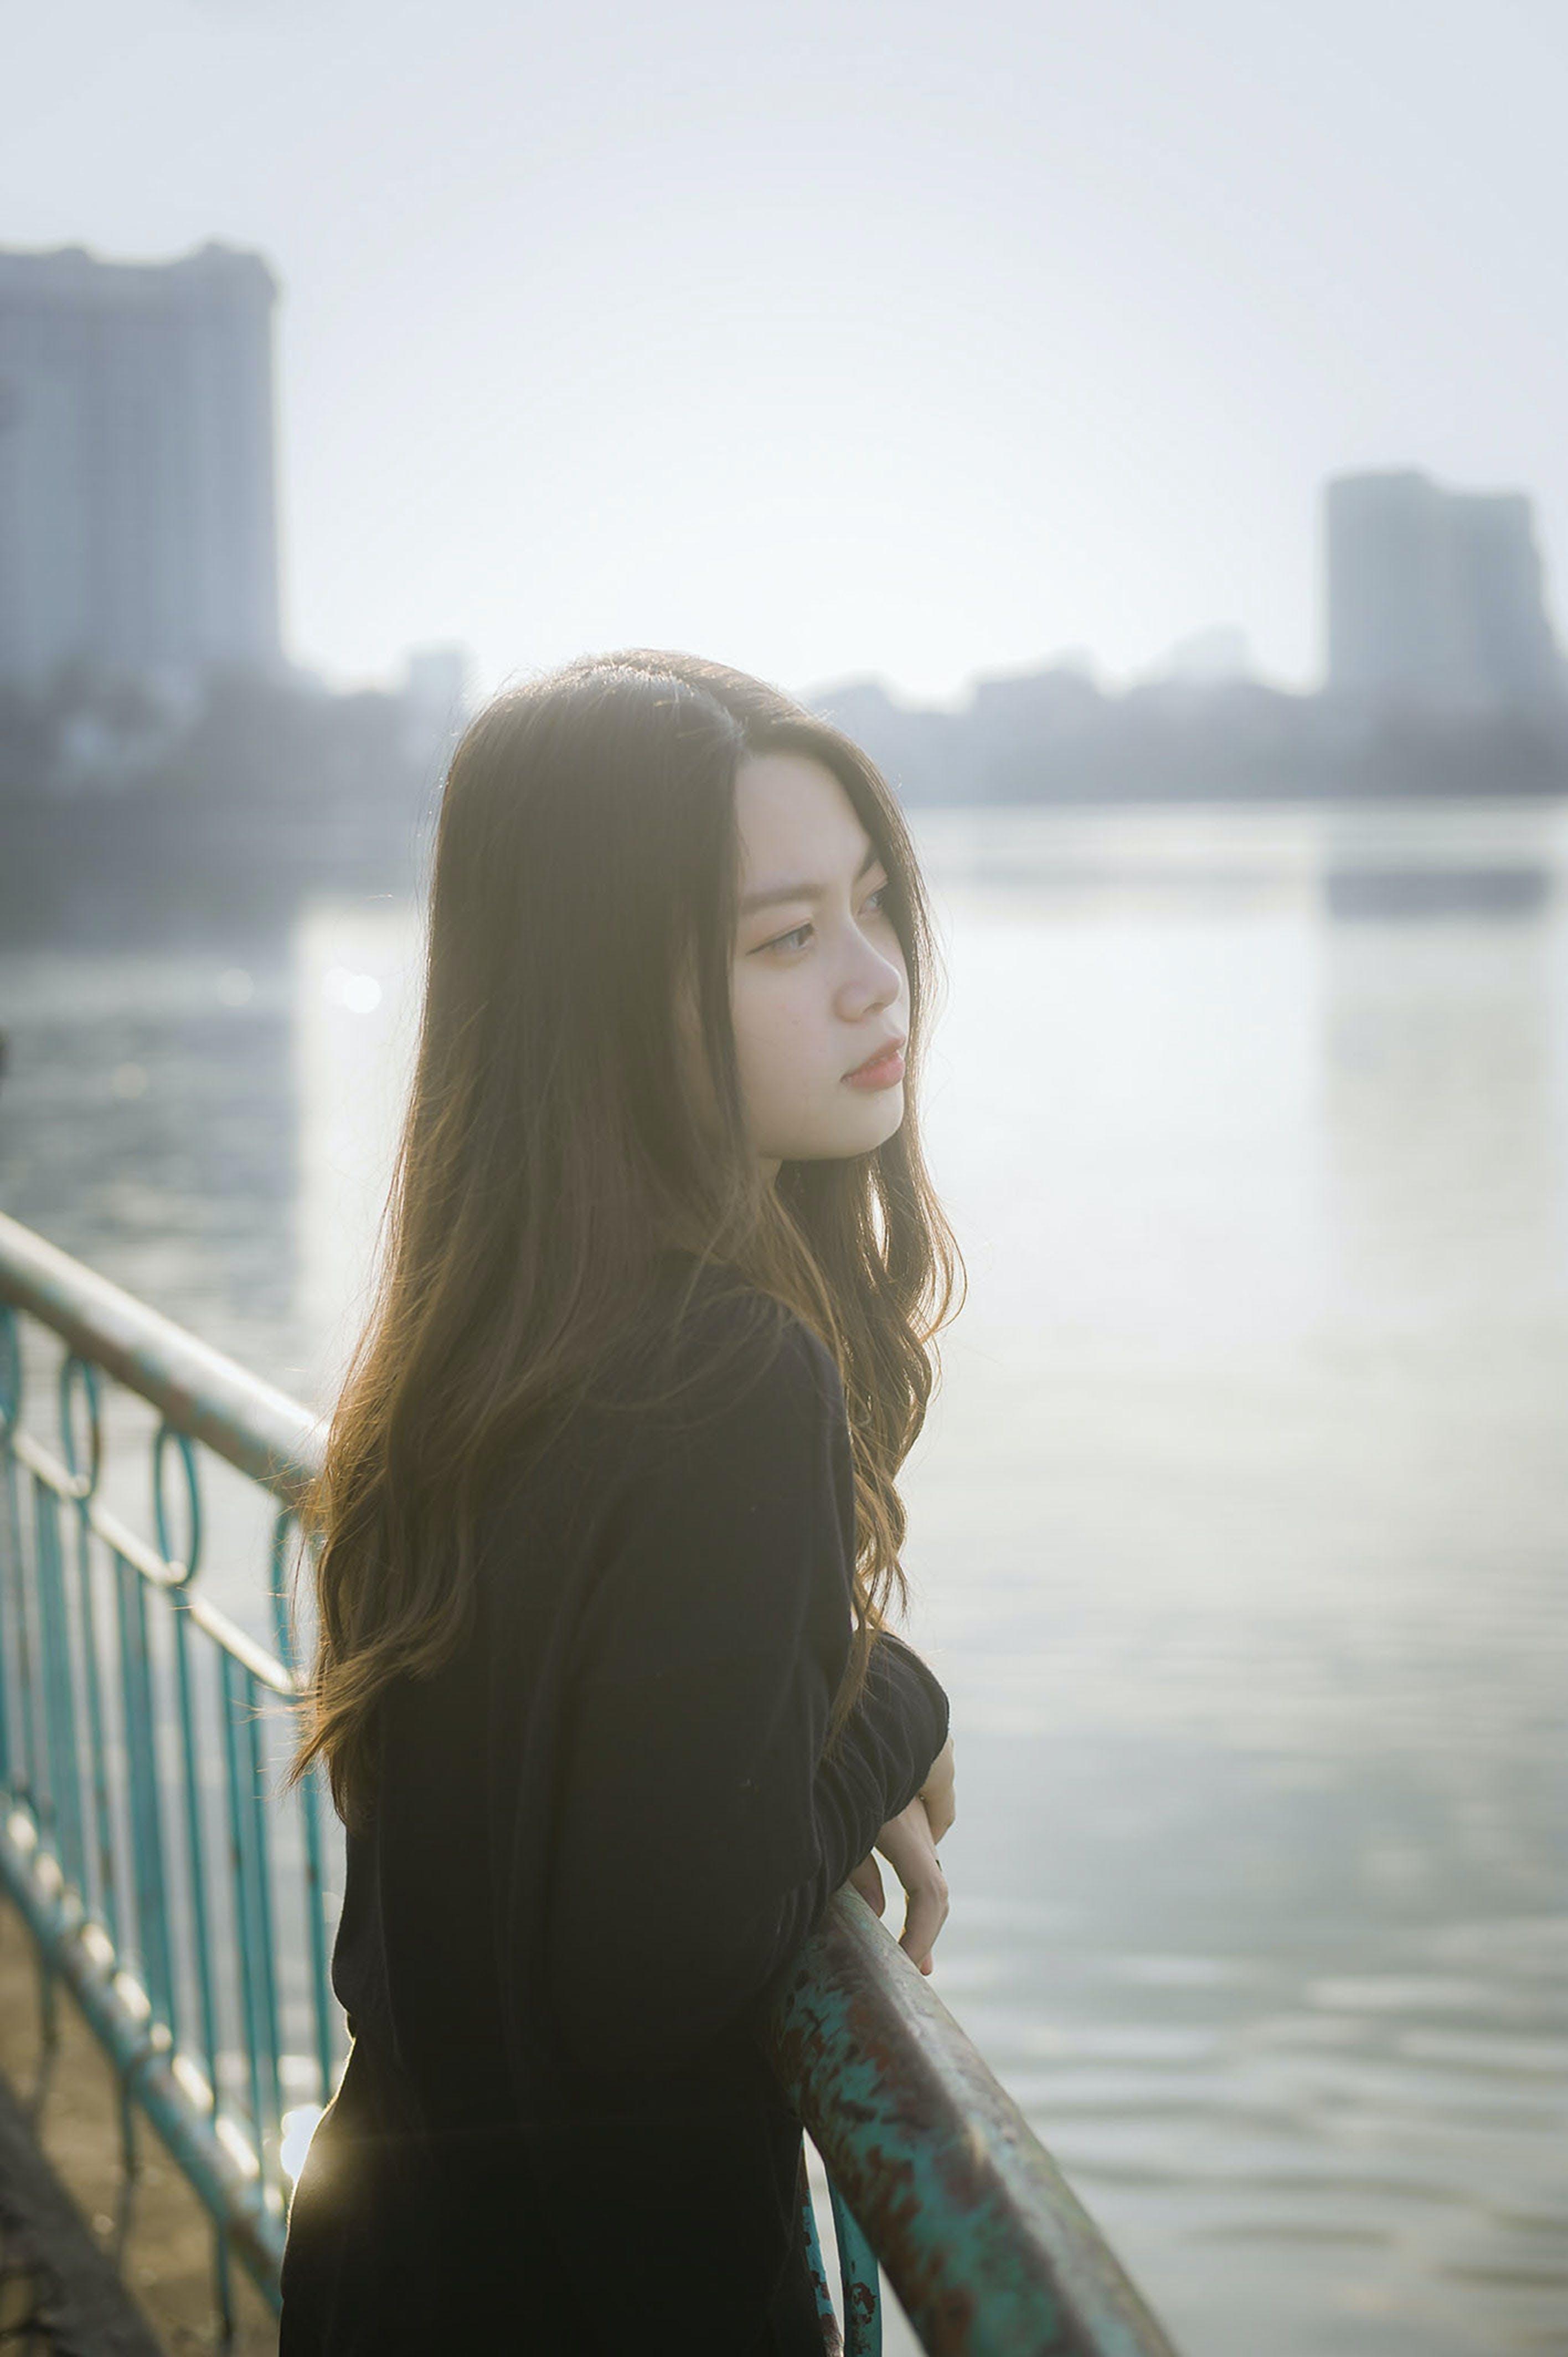 Бесплатное стоковое фото с азиатка, Азиатская девушка, вода, девочка